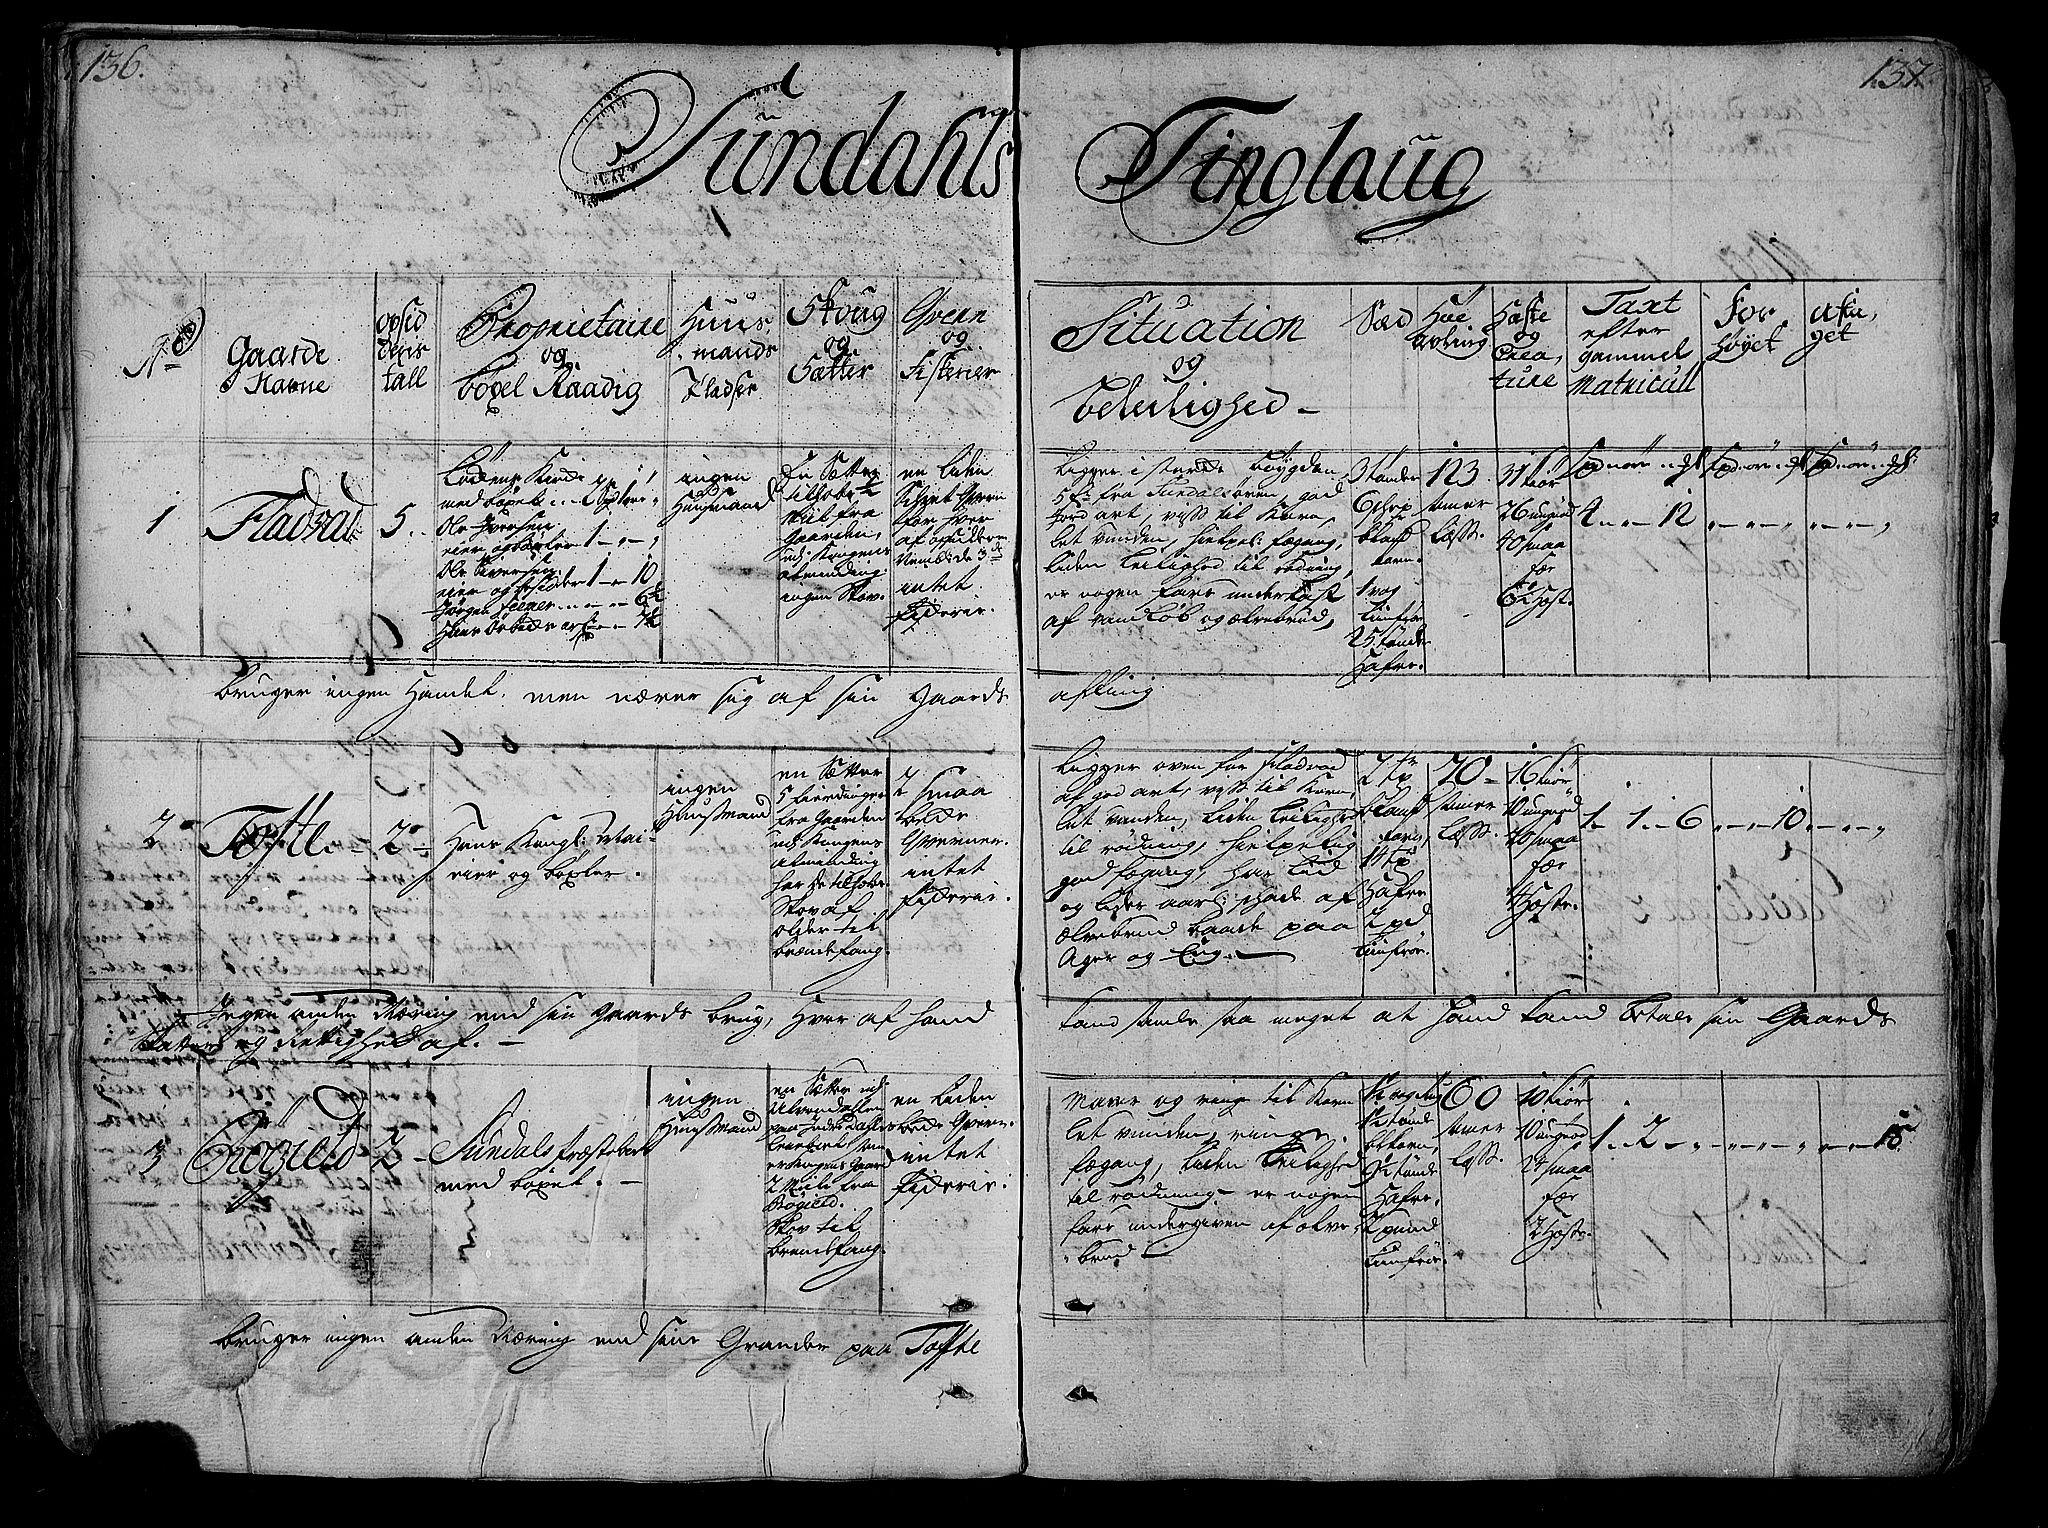 RA, Rentekammeret inntil 1814, Realistisk ordnet avdeling, N/Nb/Nbf/L0154: Nordmøre eksaminasjonsprotokoll, 1721-1723, s. 136-137